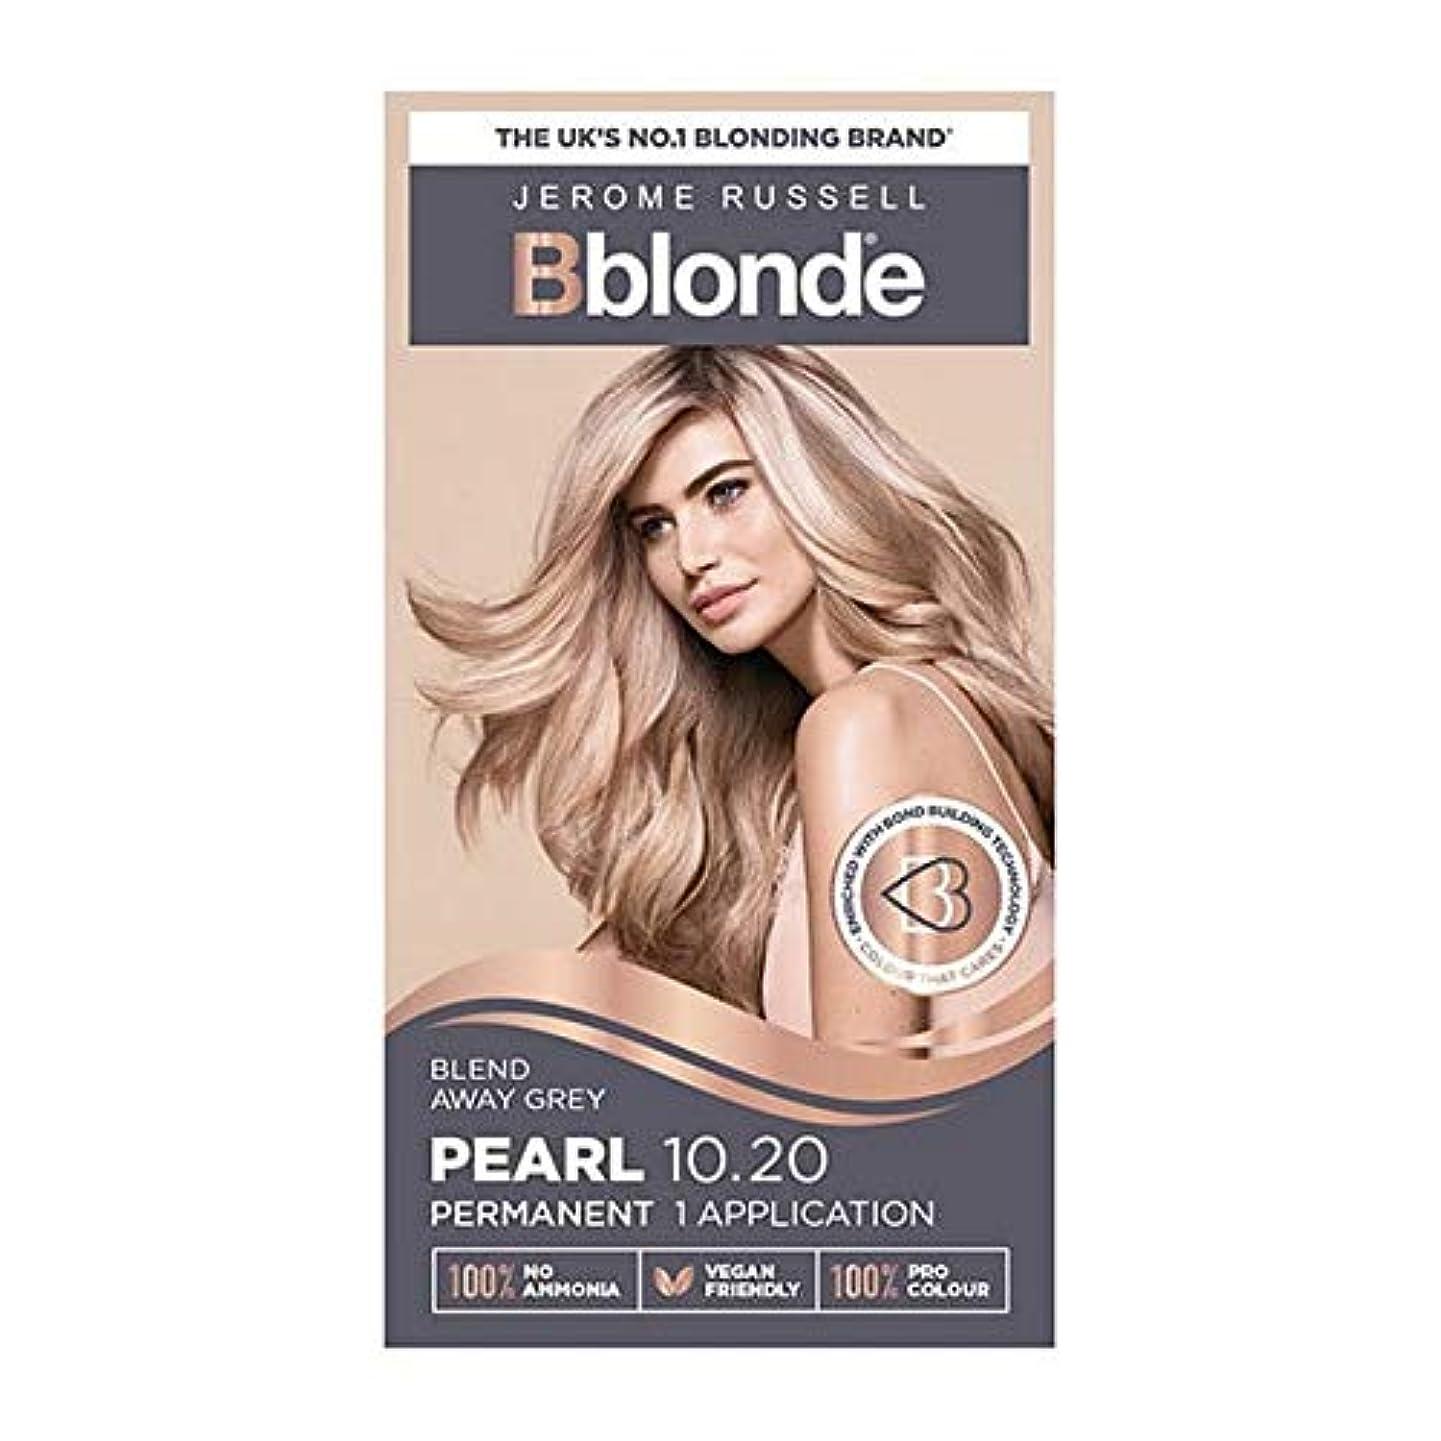 ゾーン大陸ヘッジ[Jerome Russell ] ジェロームラッセルBblondeパーマネントヘアキット真珠10.2ブロンド - Jerome Russell Bblonde Permanent Hair Kit Pearl Blonde 10.2 [並行輸入品]